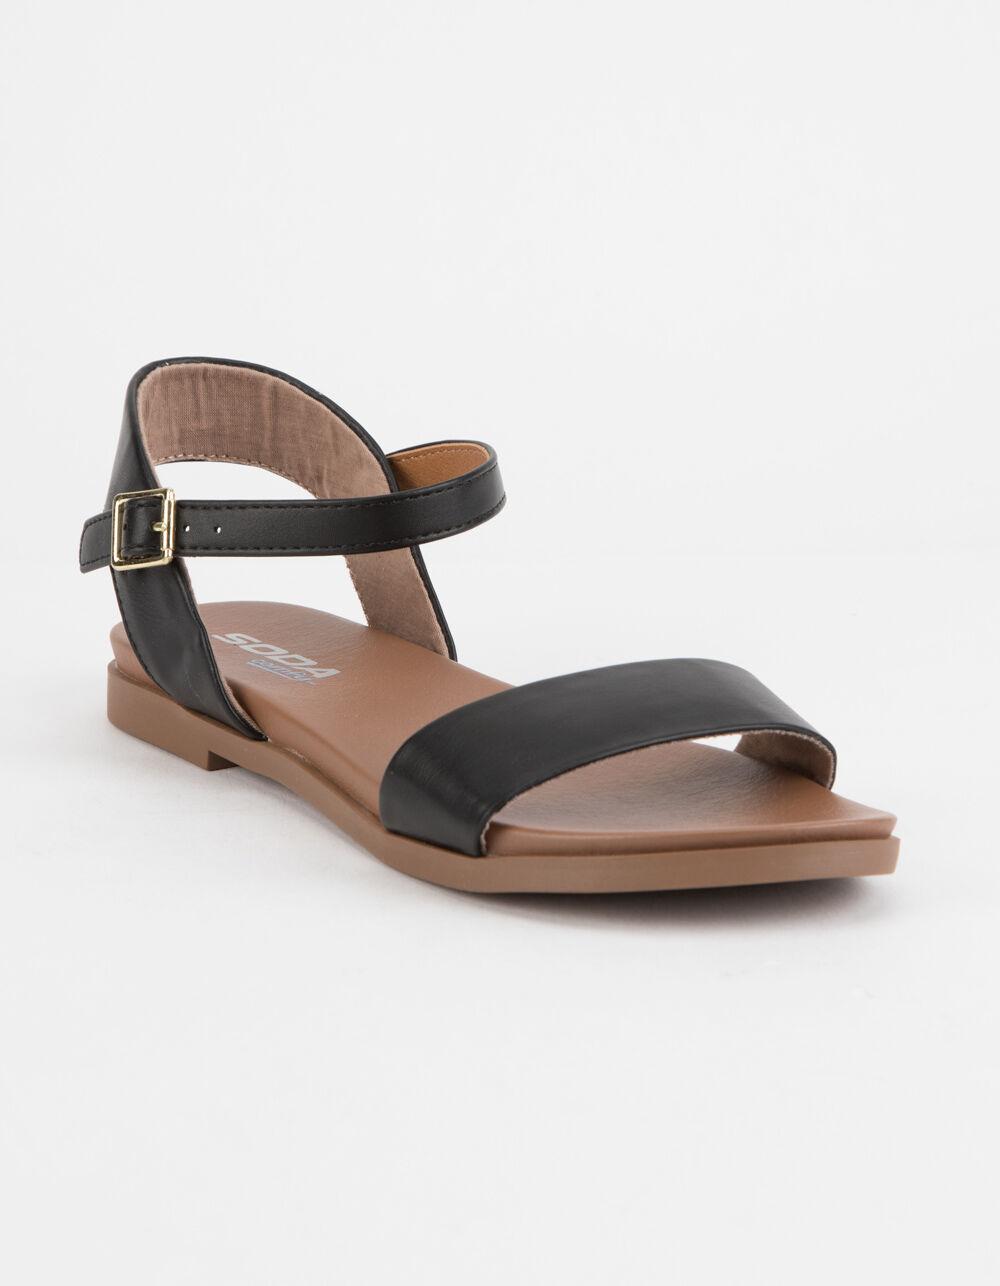 SODA Comfy Meadow Black Sandals